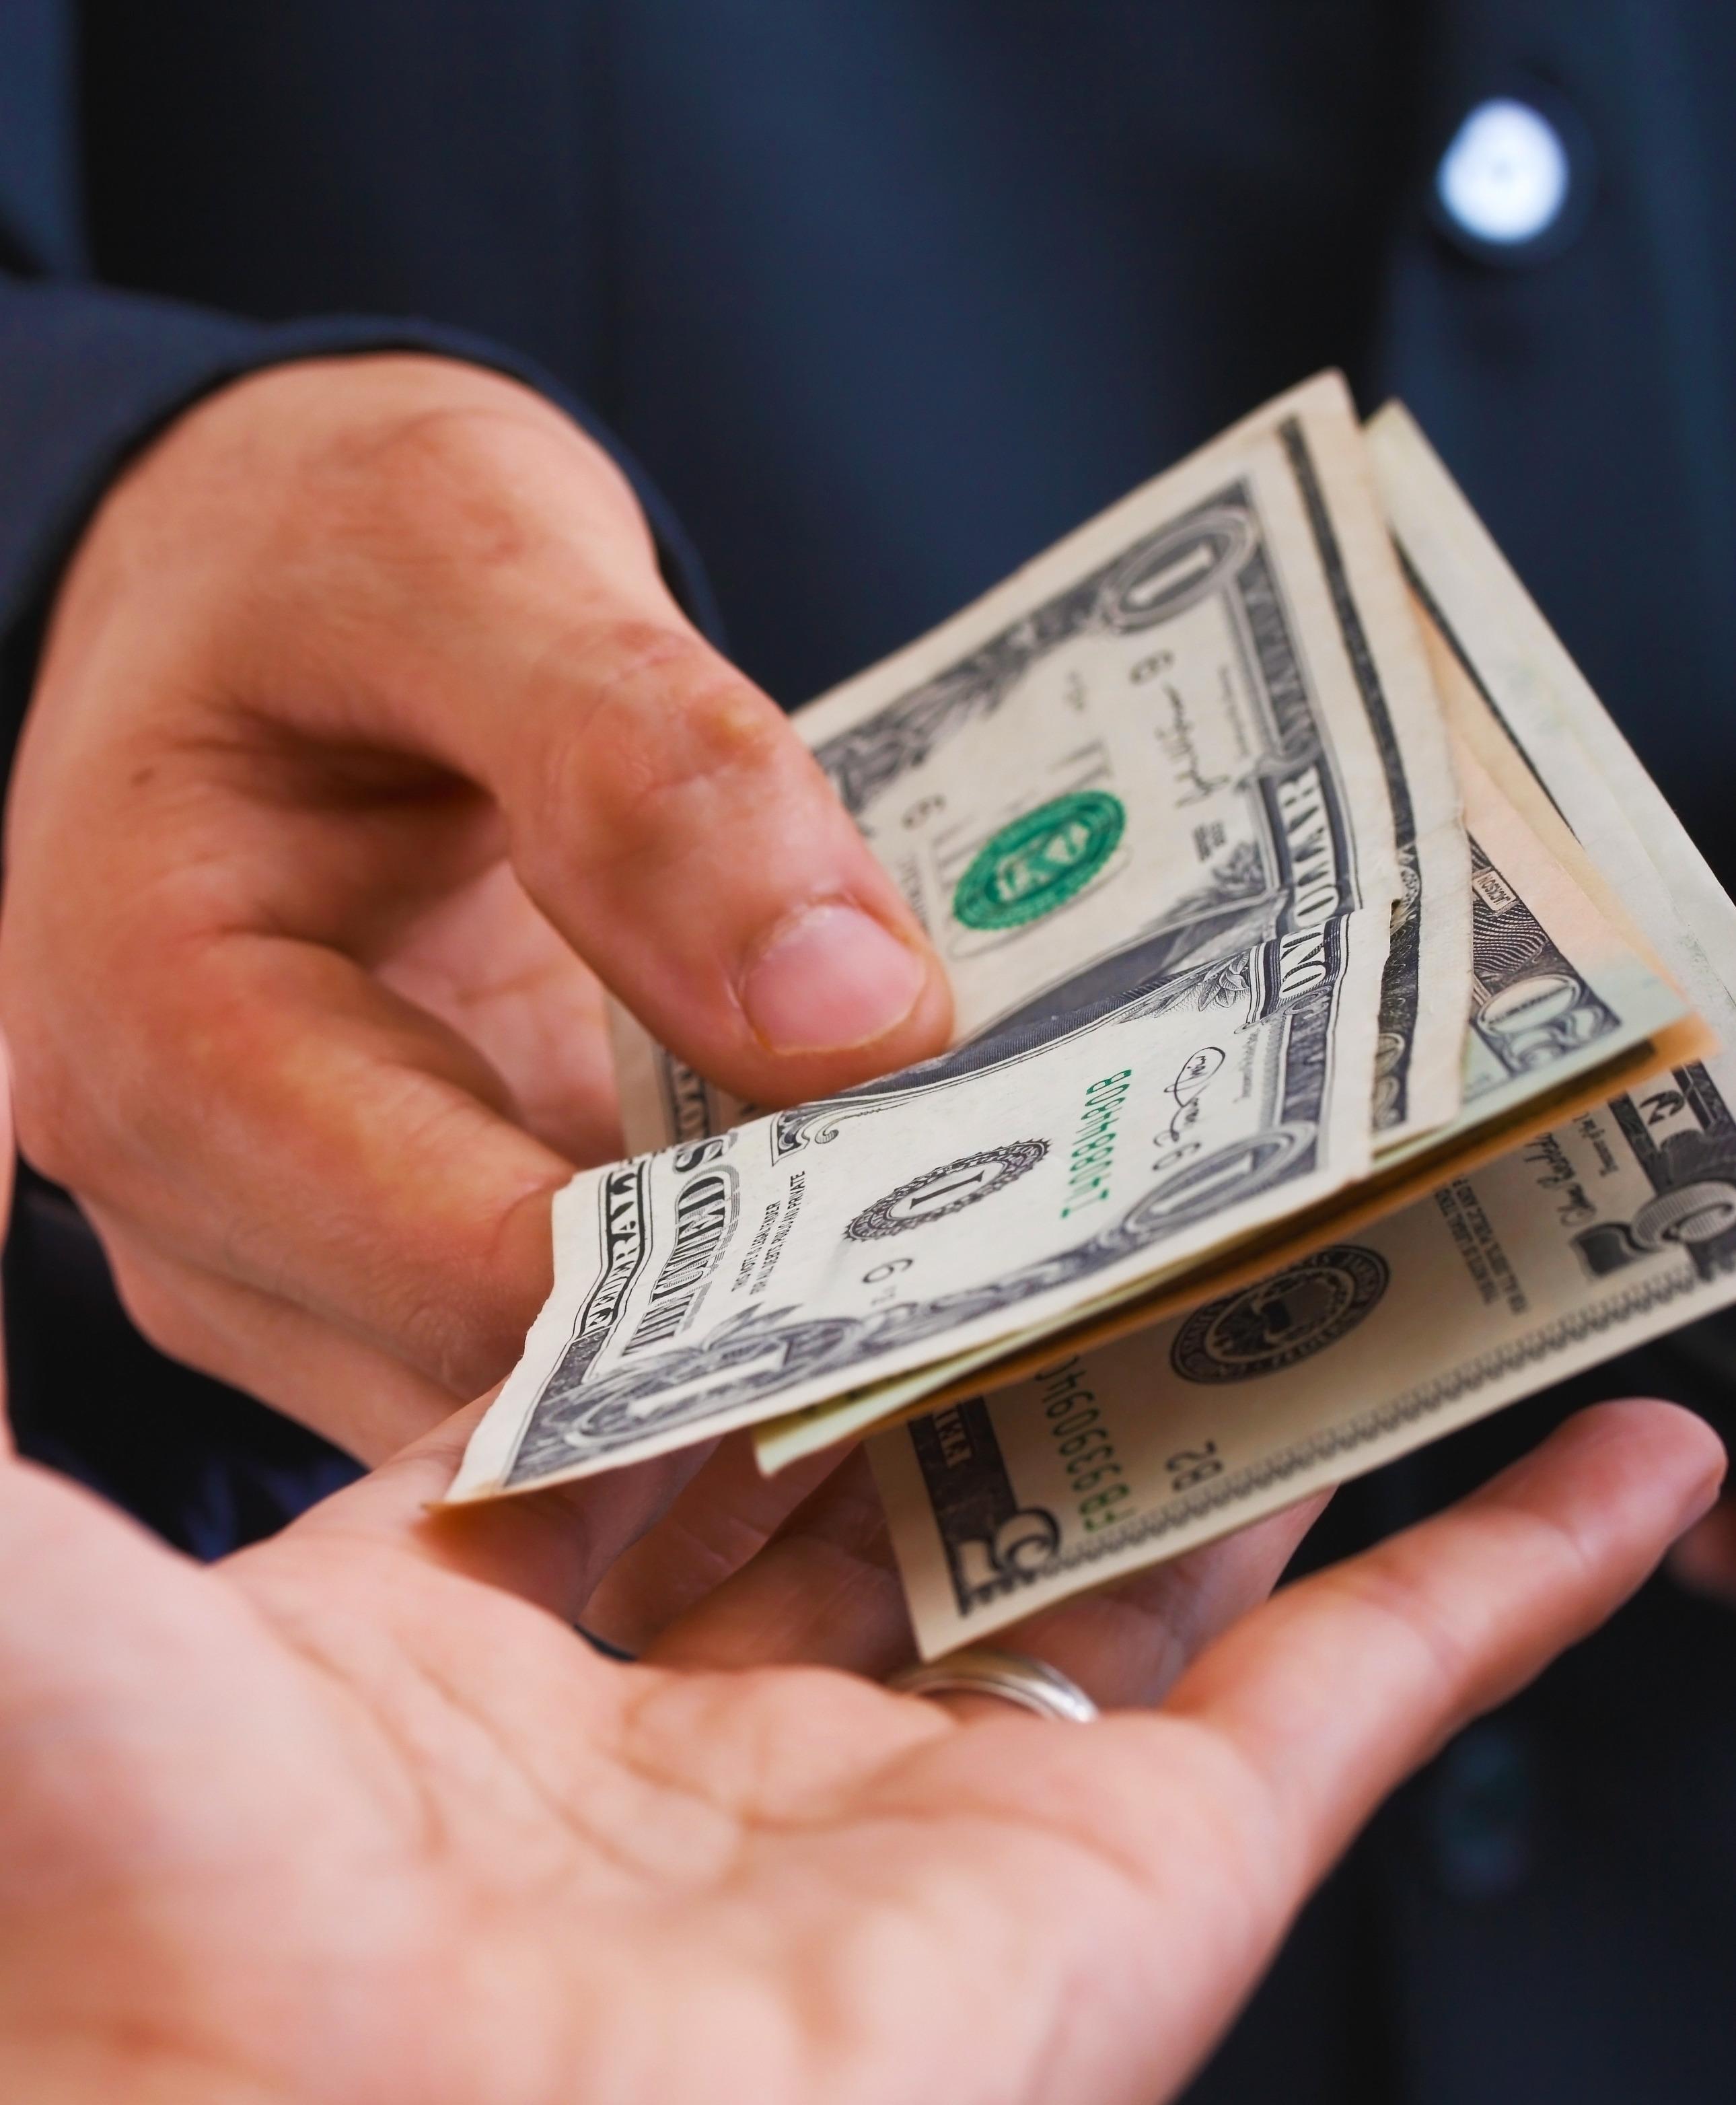 salary range websites donna schilder master certified coach mcc salary range websites